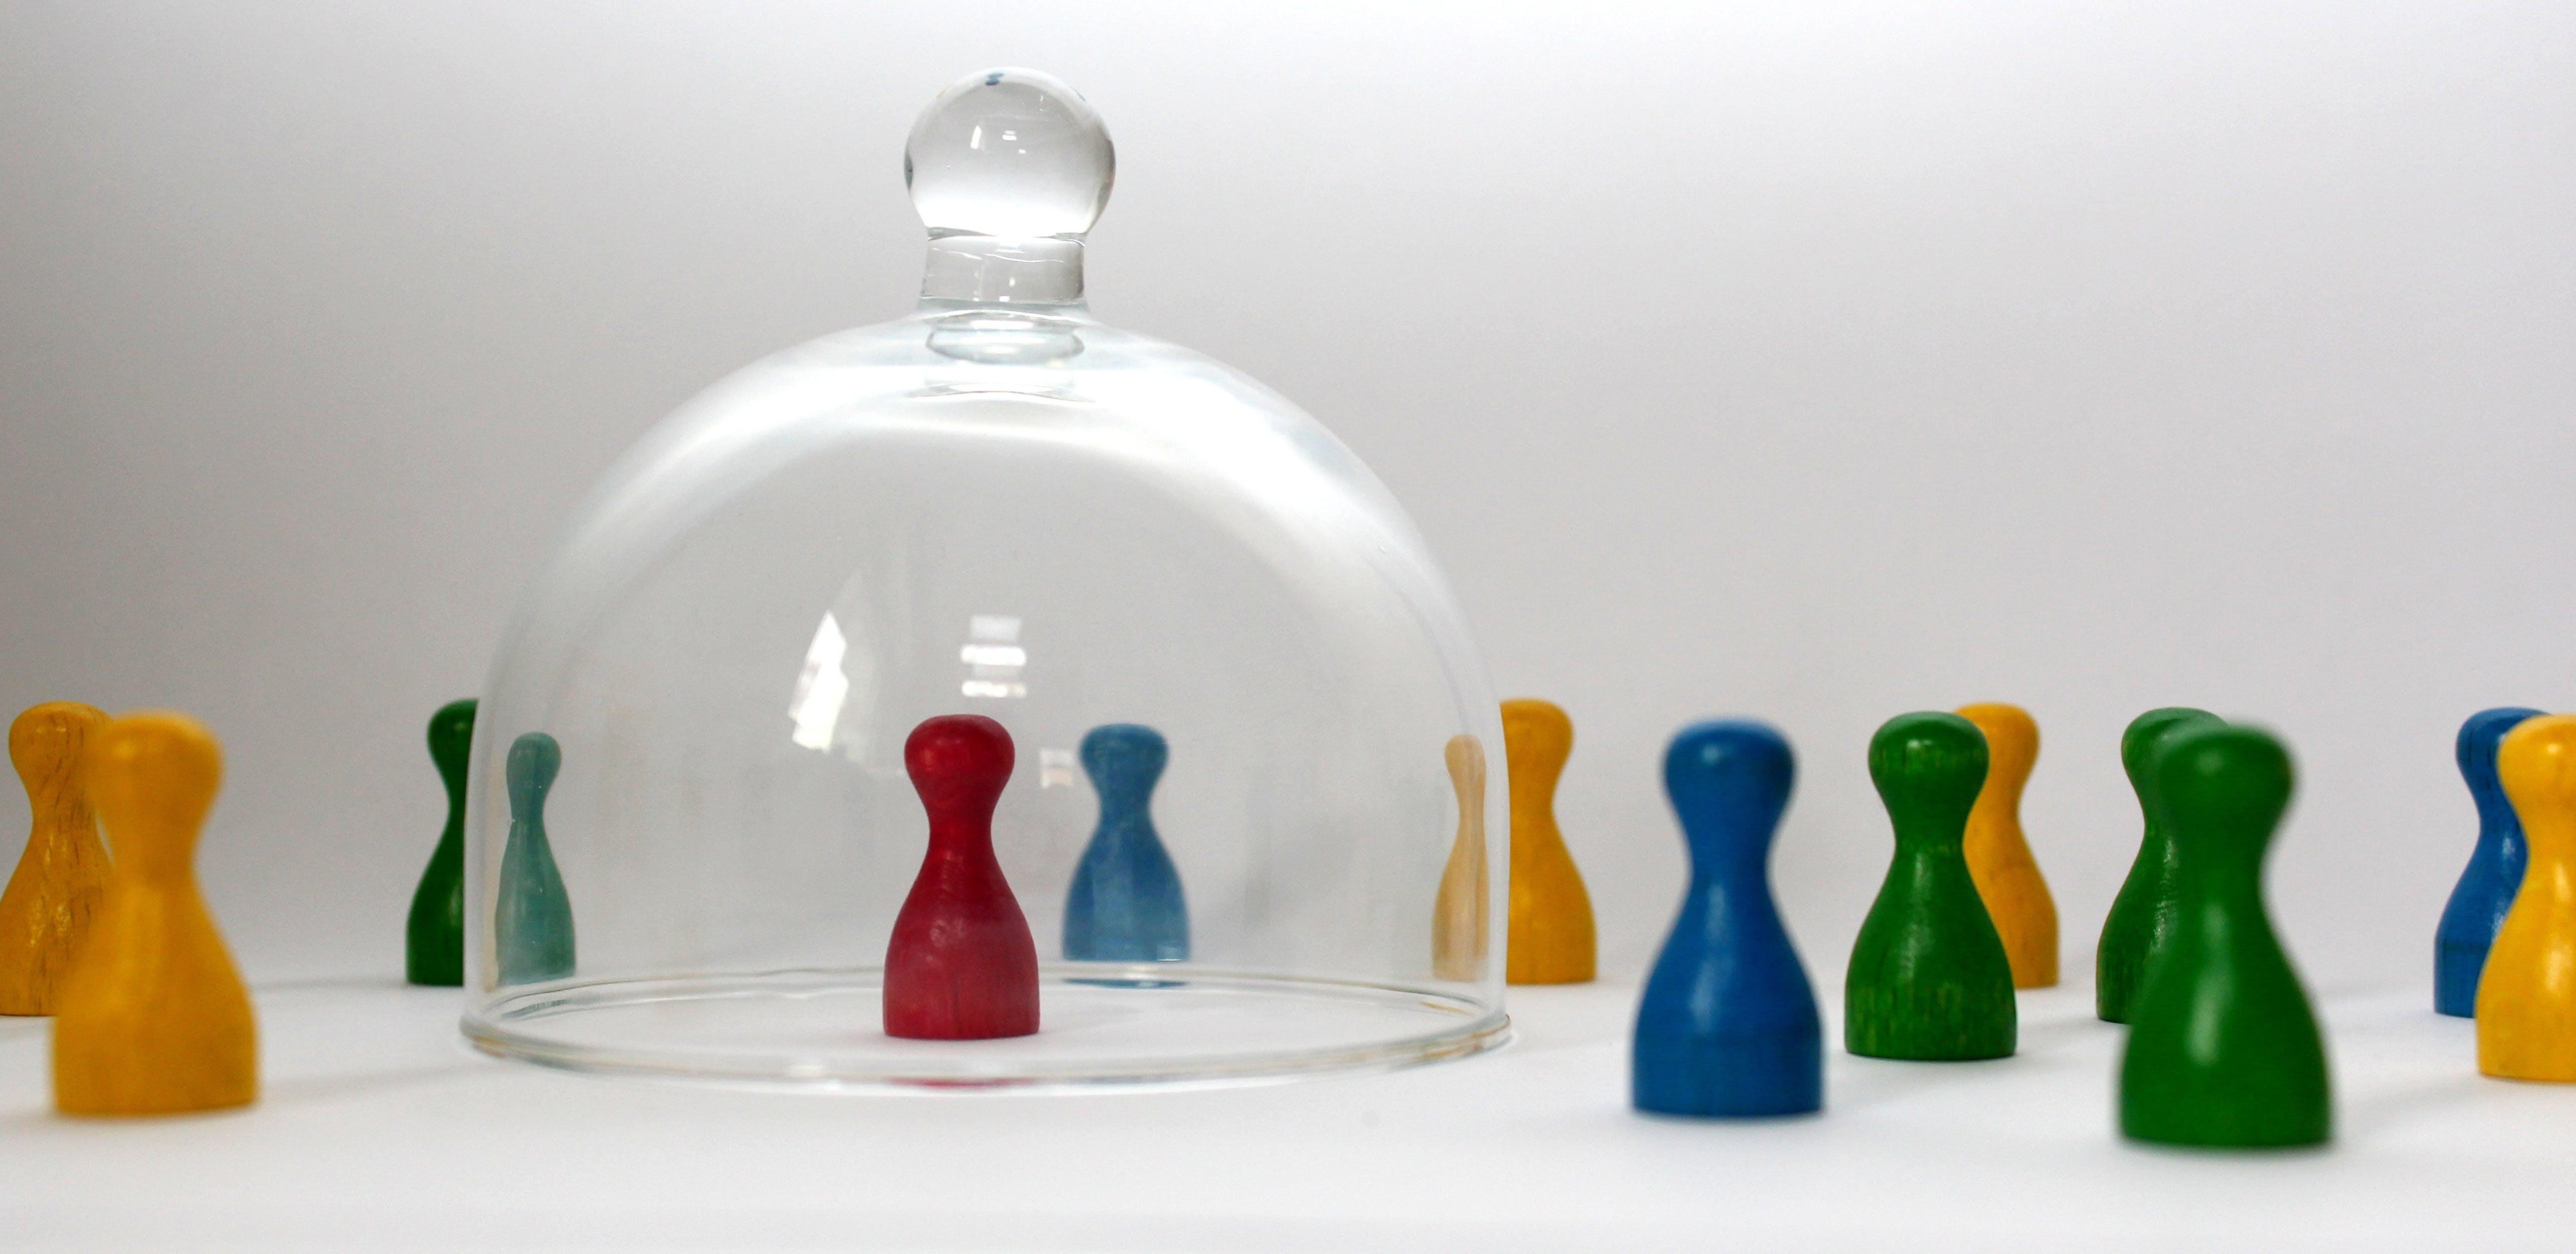 Titelbild-Home-Office-Isolation-Isolationsfalle-Spielfiguren-Glocke-pixabay-3649938-tillburmann